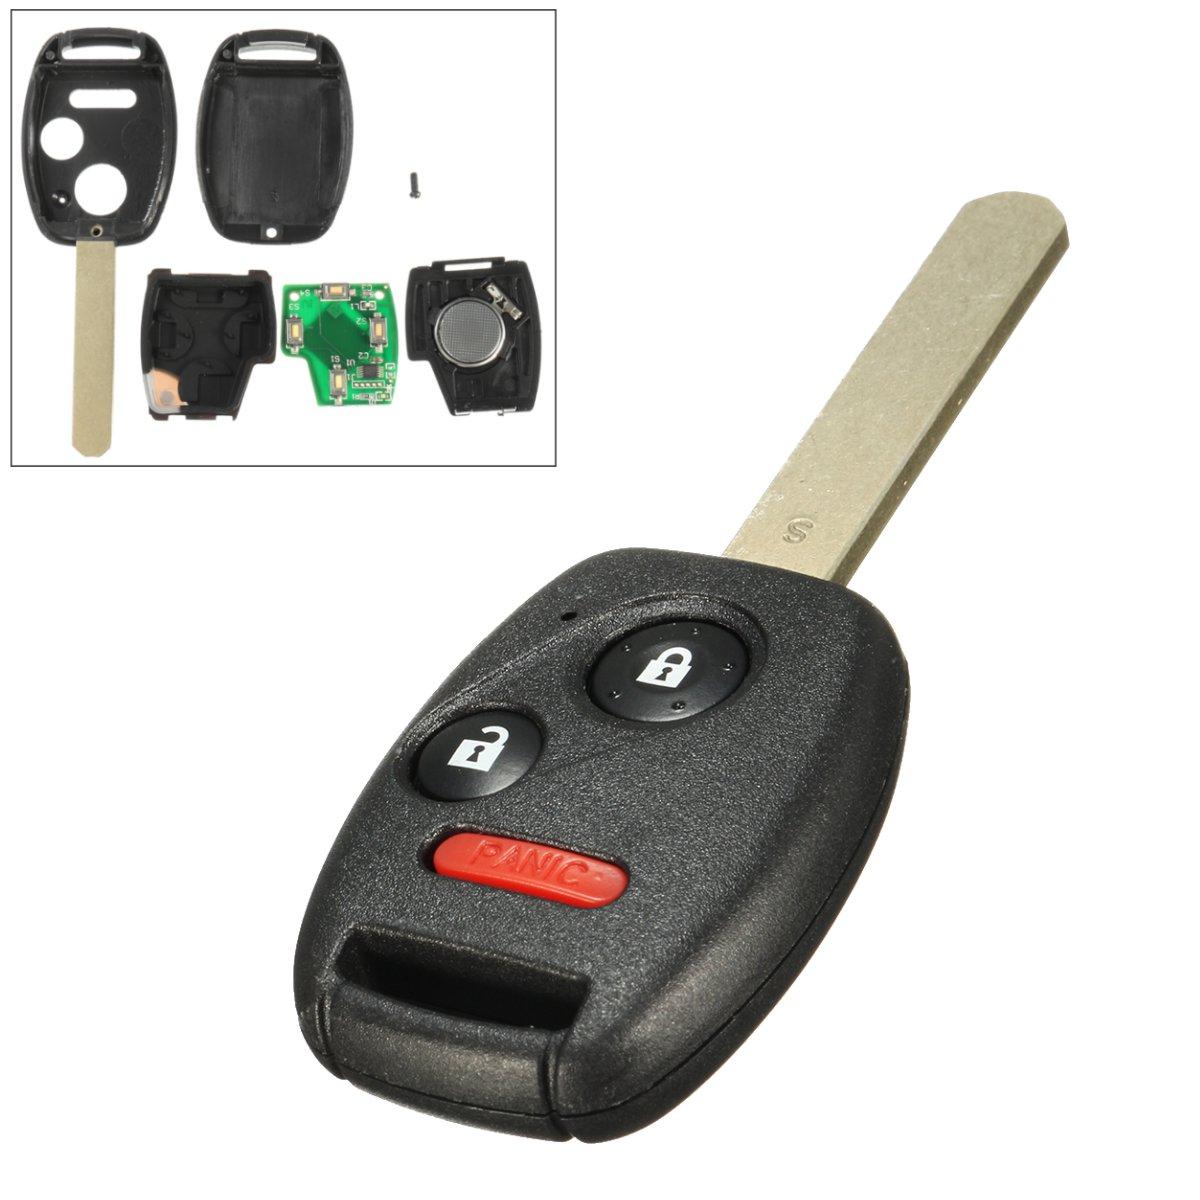 Llave de reemplazo sin cortar remoto Keyless entrada key FOB con ID46 chip para Honda 2005-2008 piloto CWTWB1U545